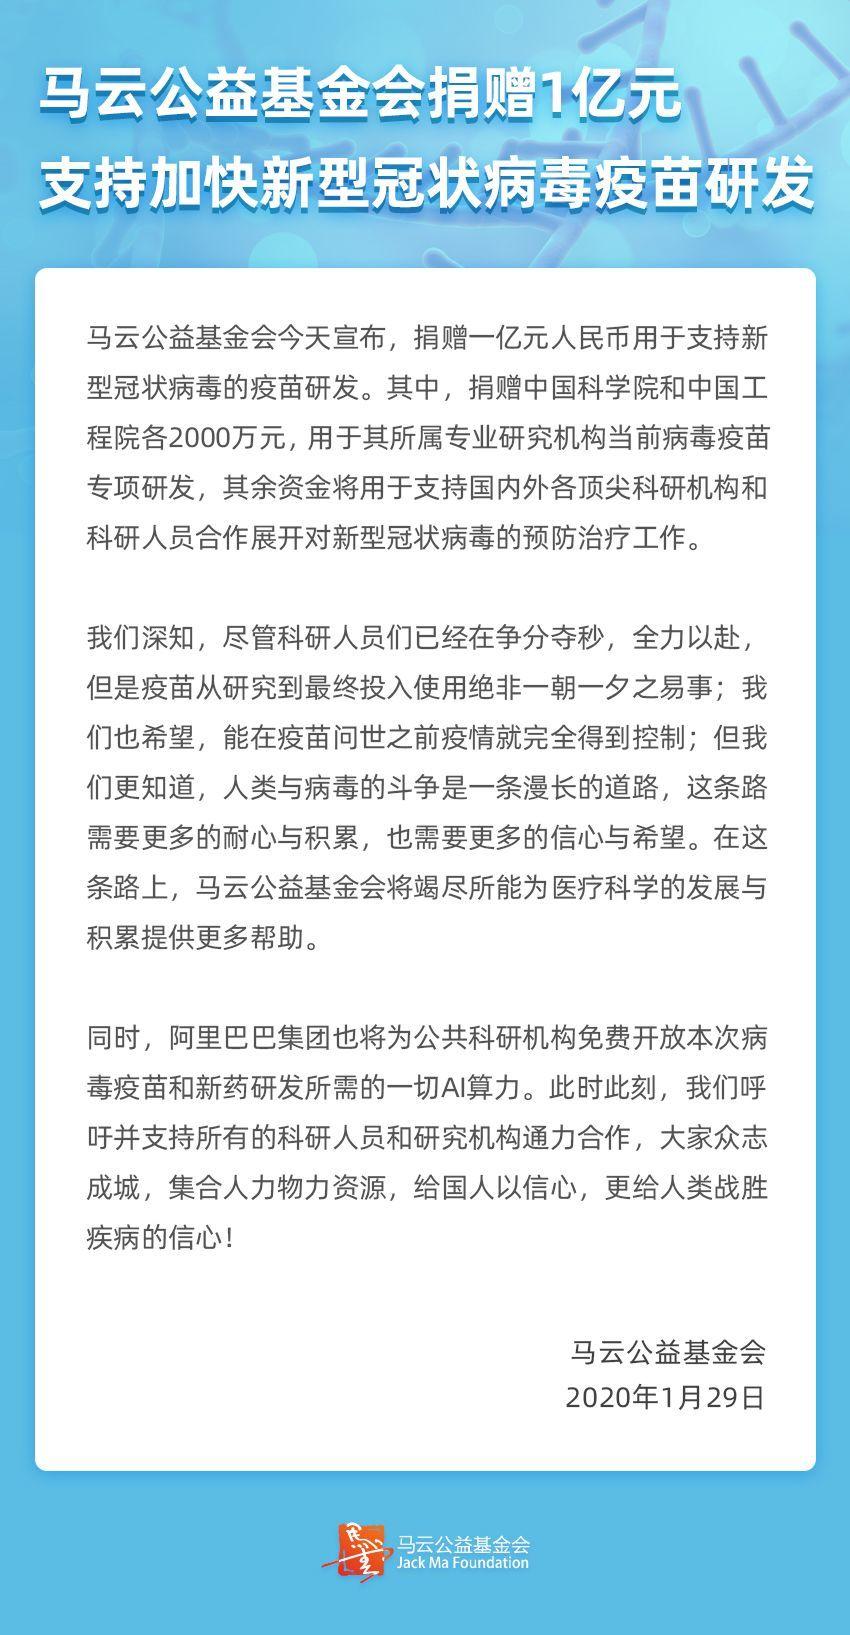 马云公益基金会捐赠1亿元 支持冠状病毒疫苗研发